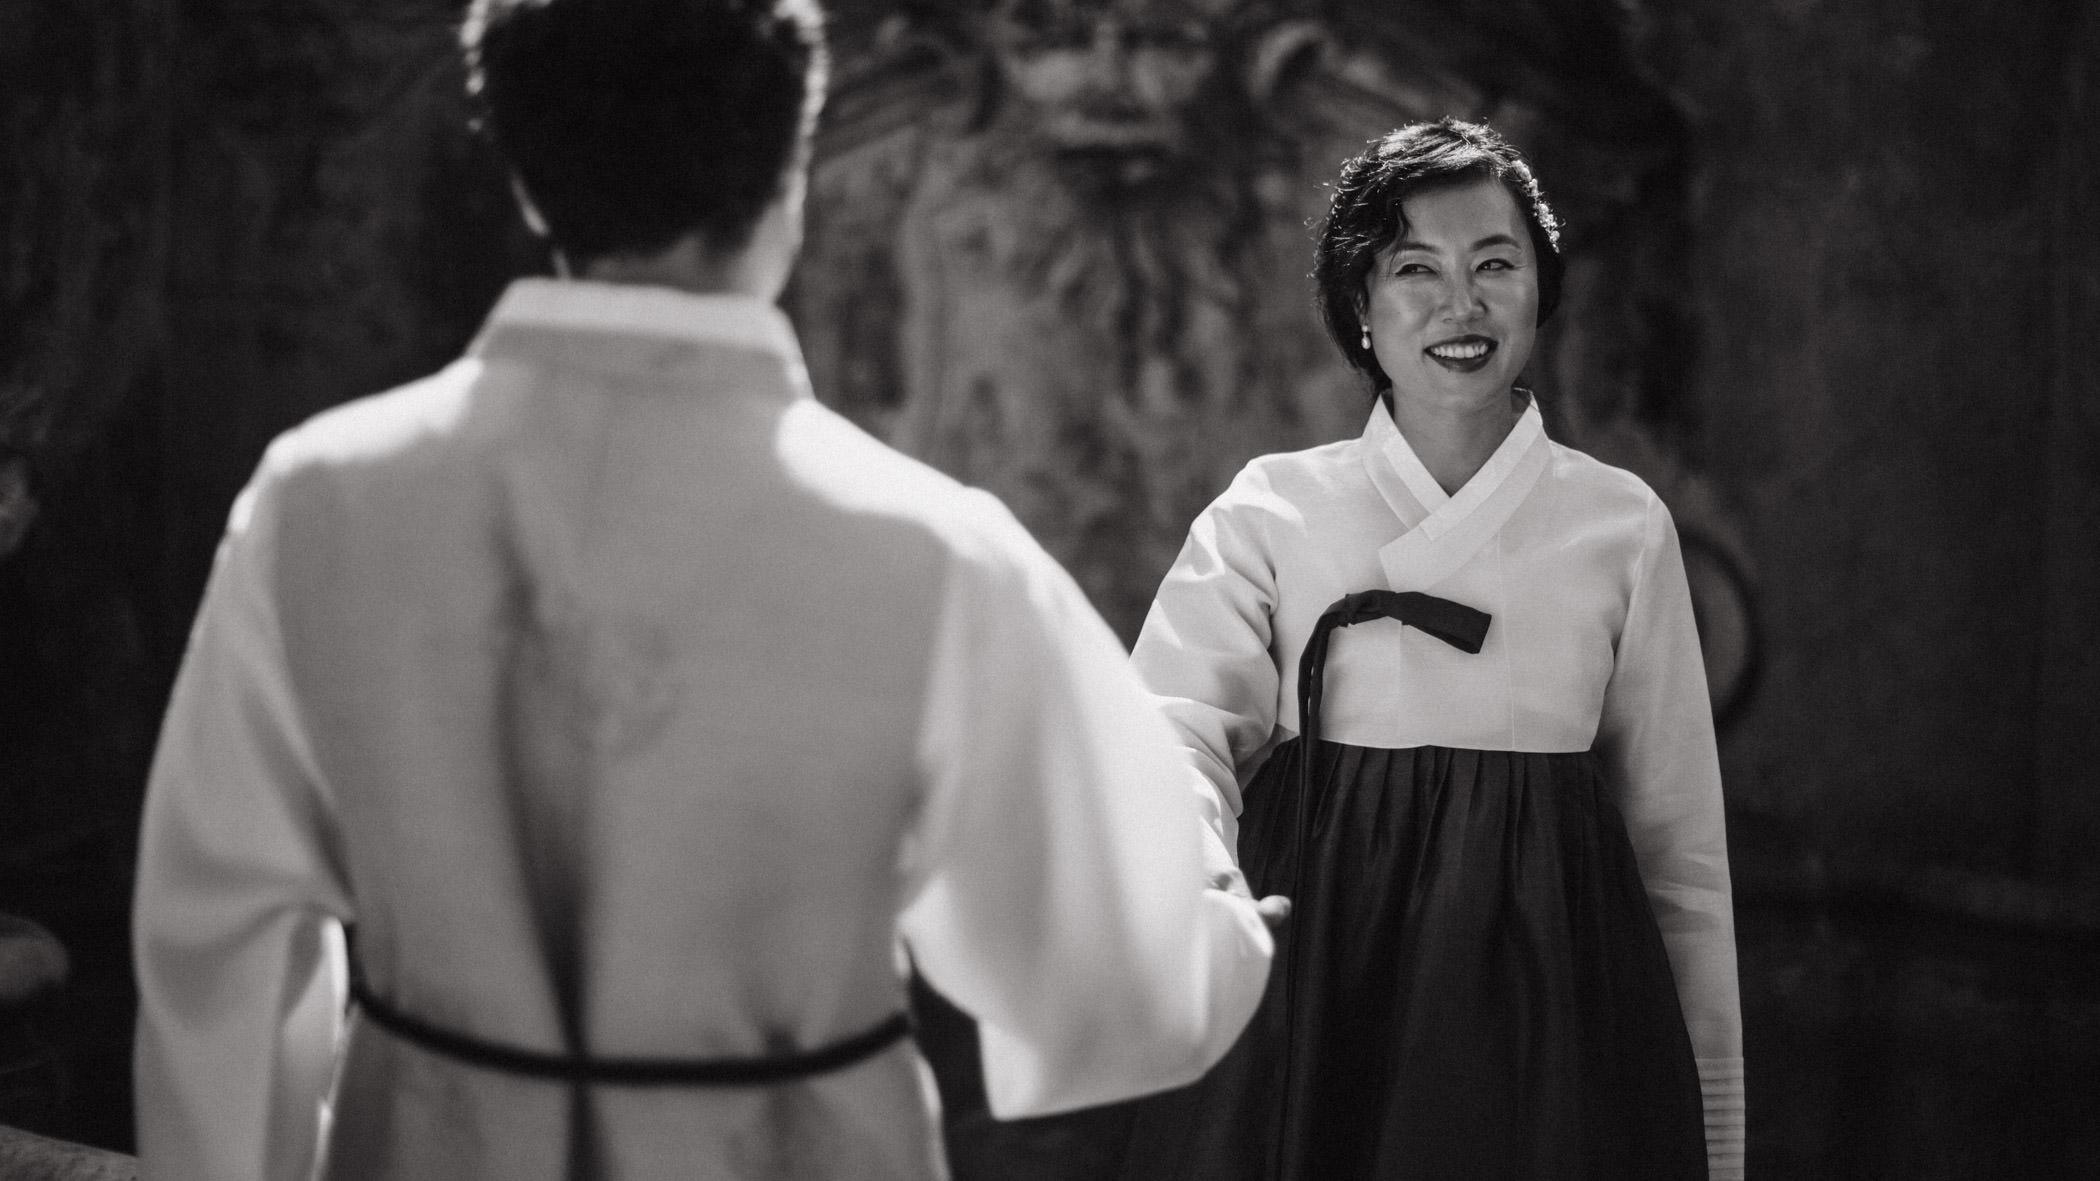 matrimonio bianco e nero in stile cinematografico villa faraggiana